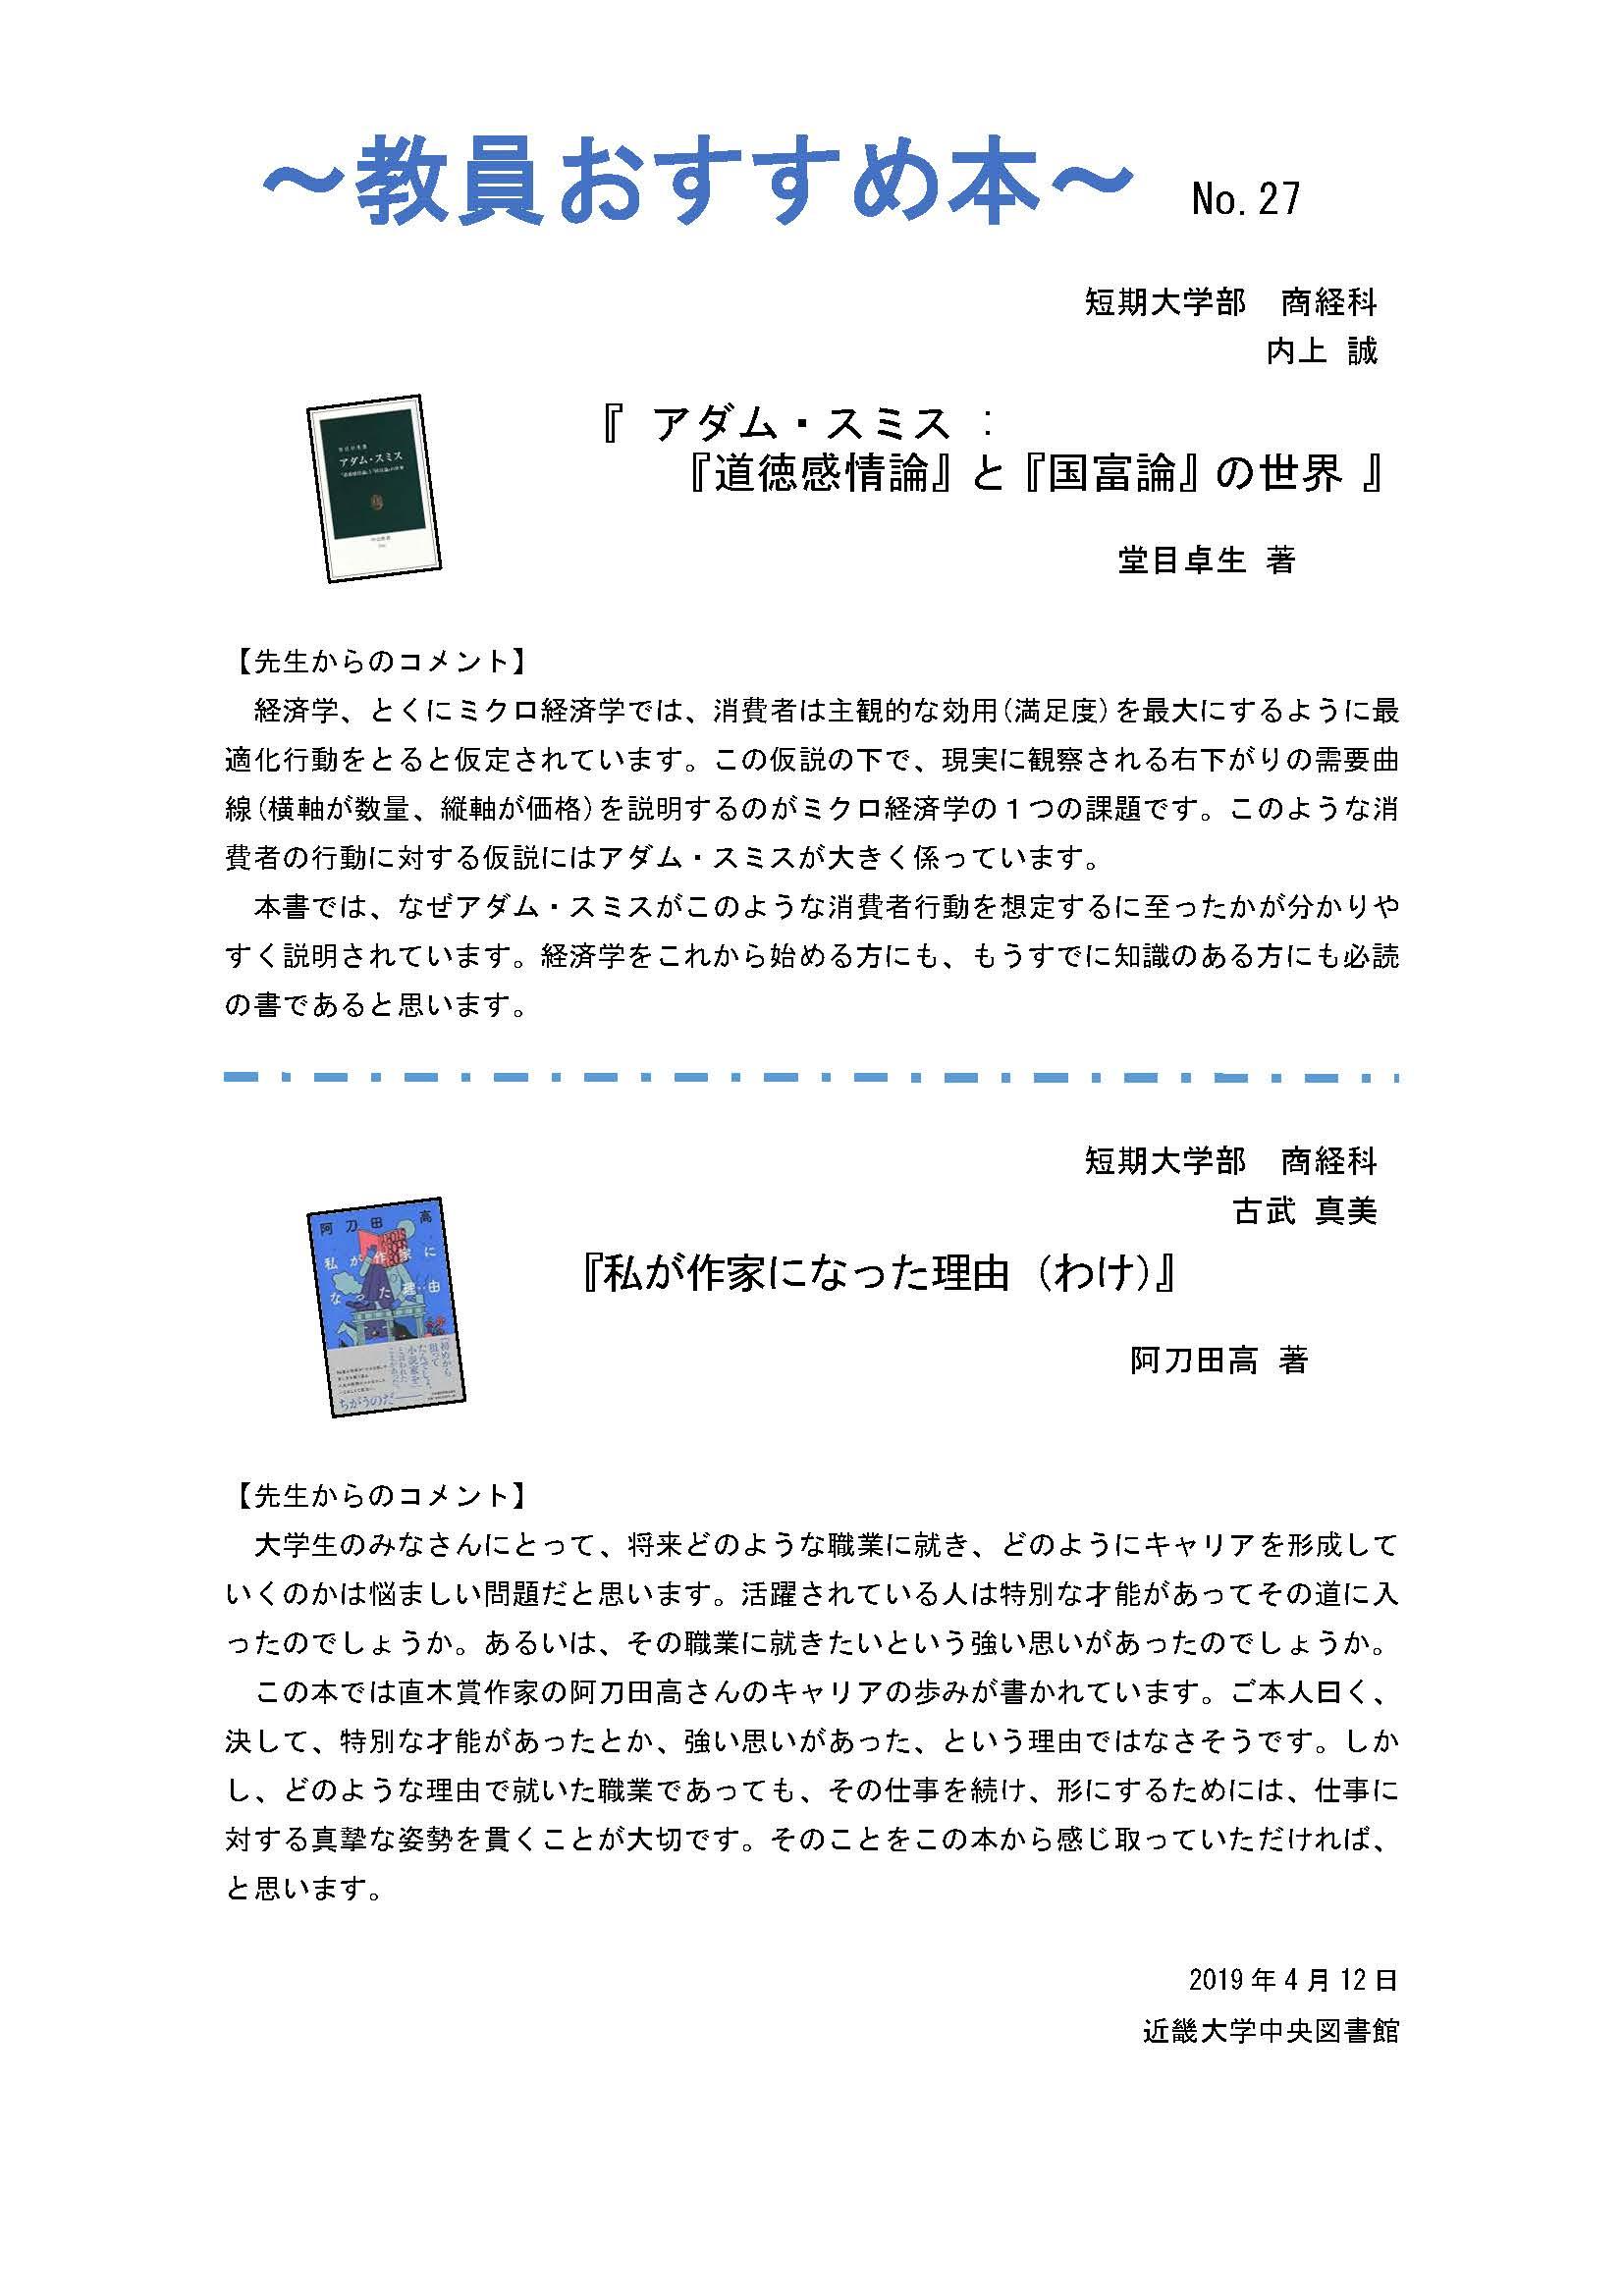 教員おすすめ本No.27